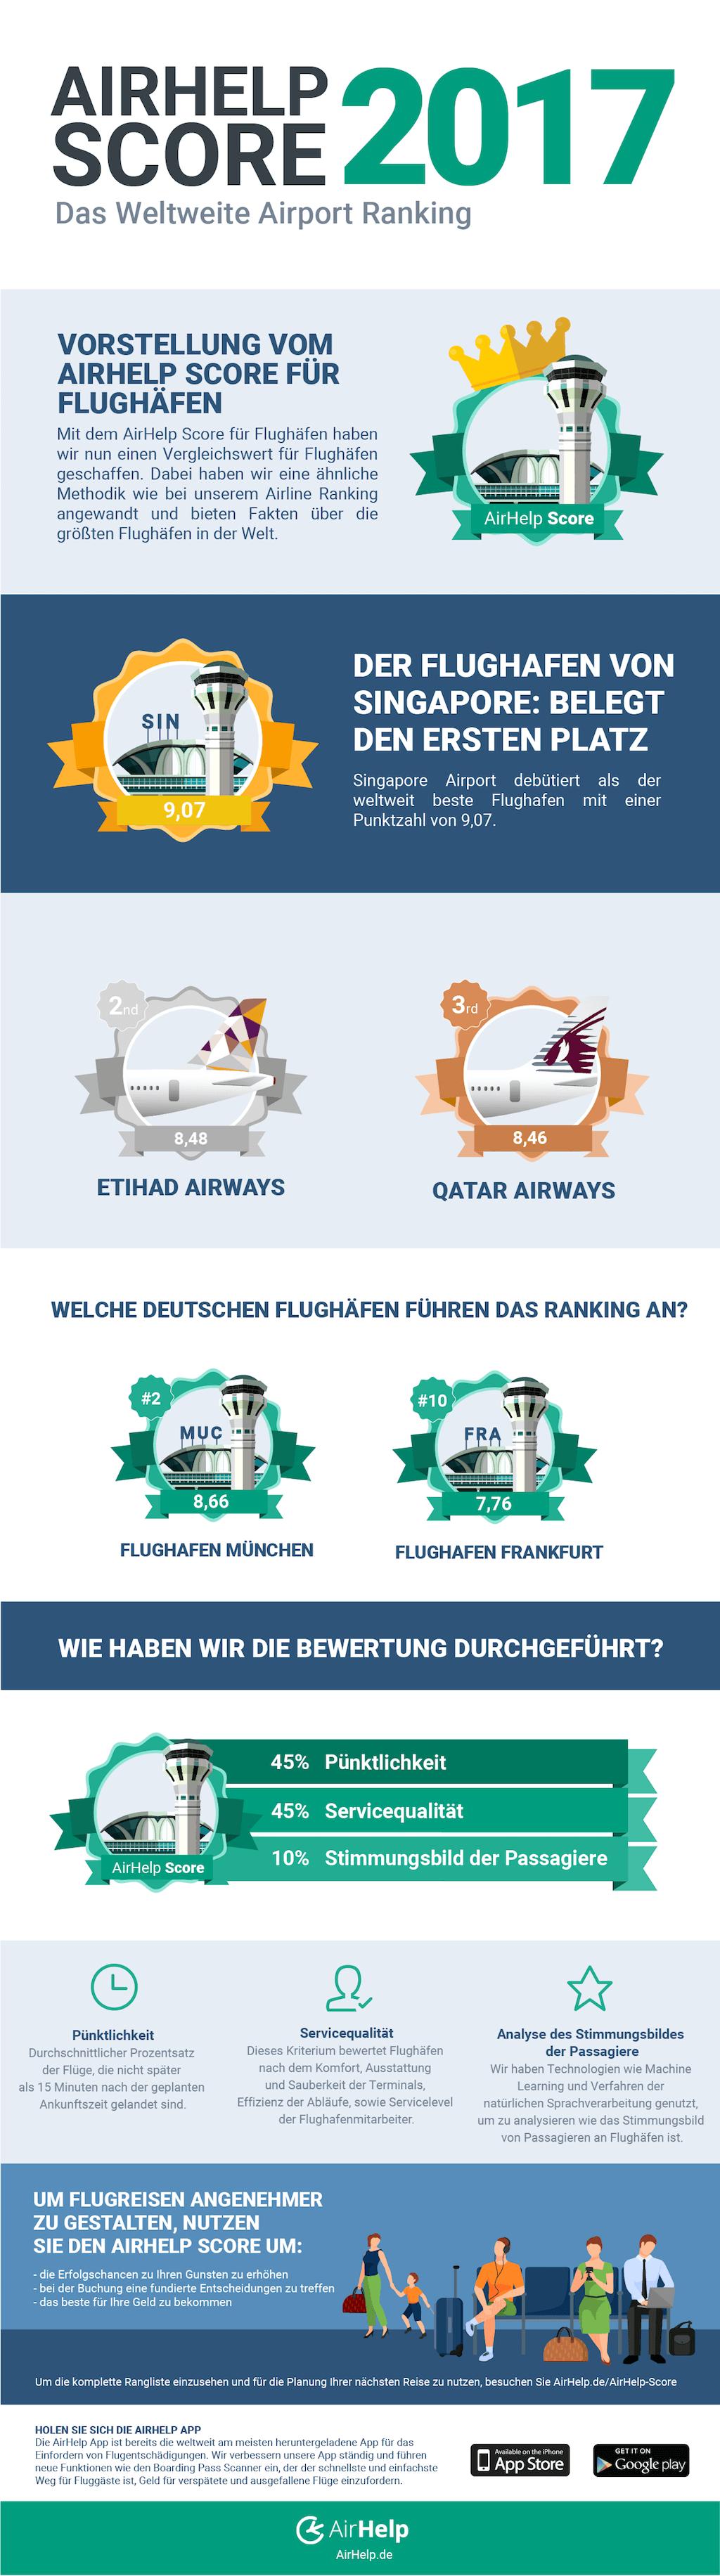 AirHelp-Airport-Score-2017-Deutschland